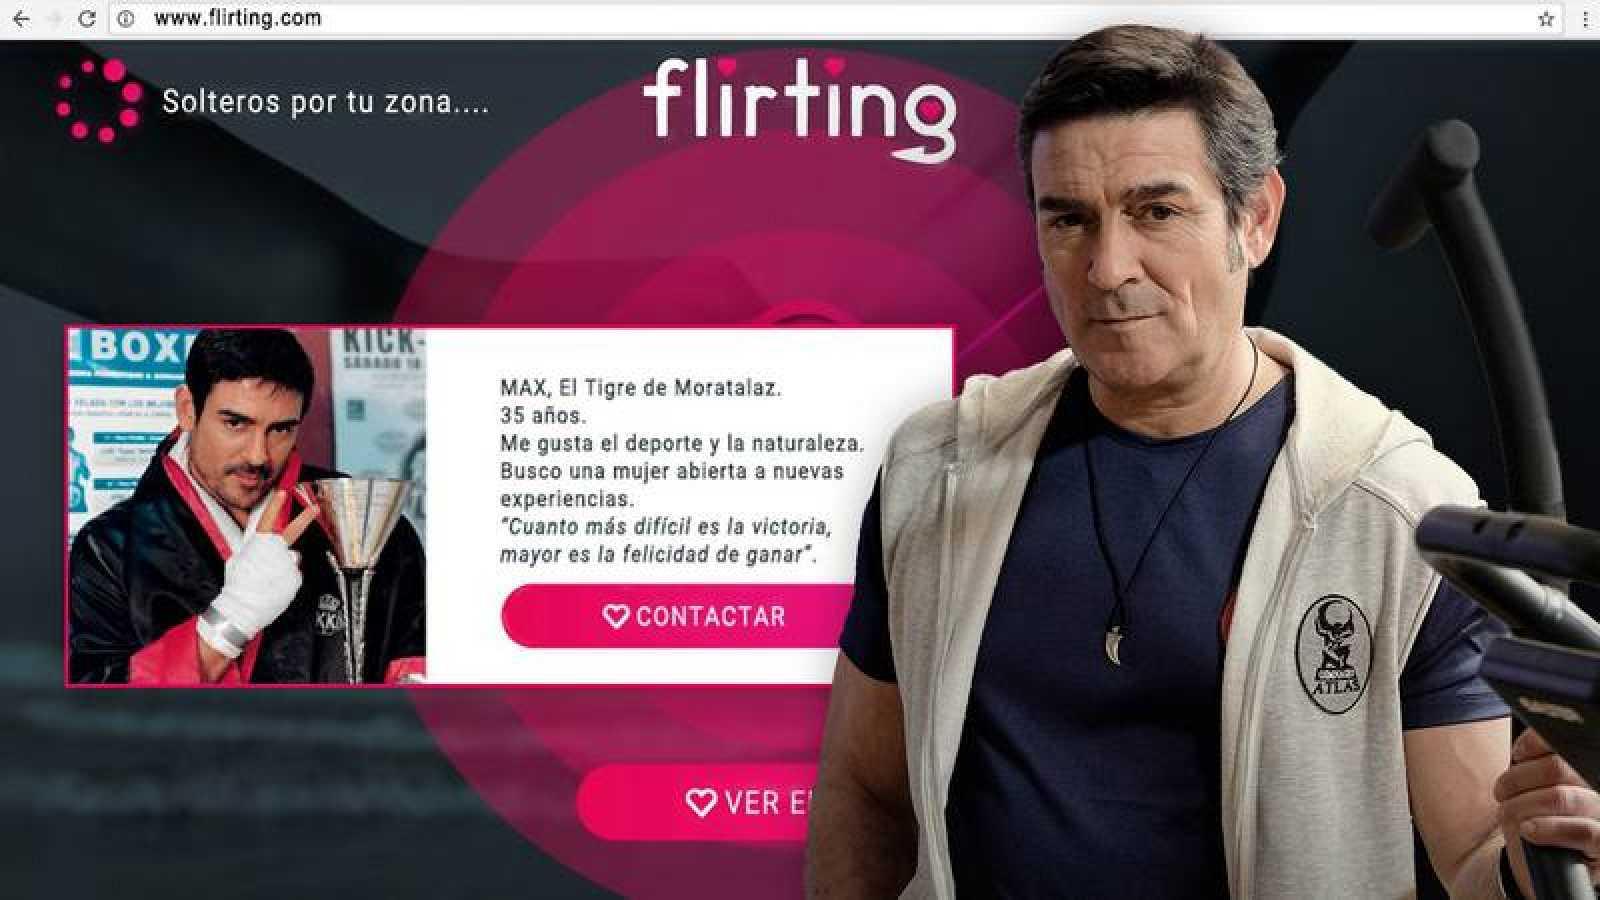 Servir y proteger: Las nueve lecciones de Max Fernández para triunfar en el amor